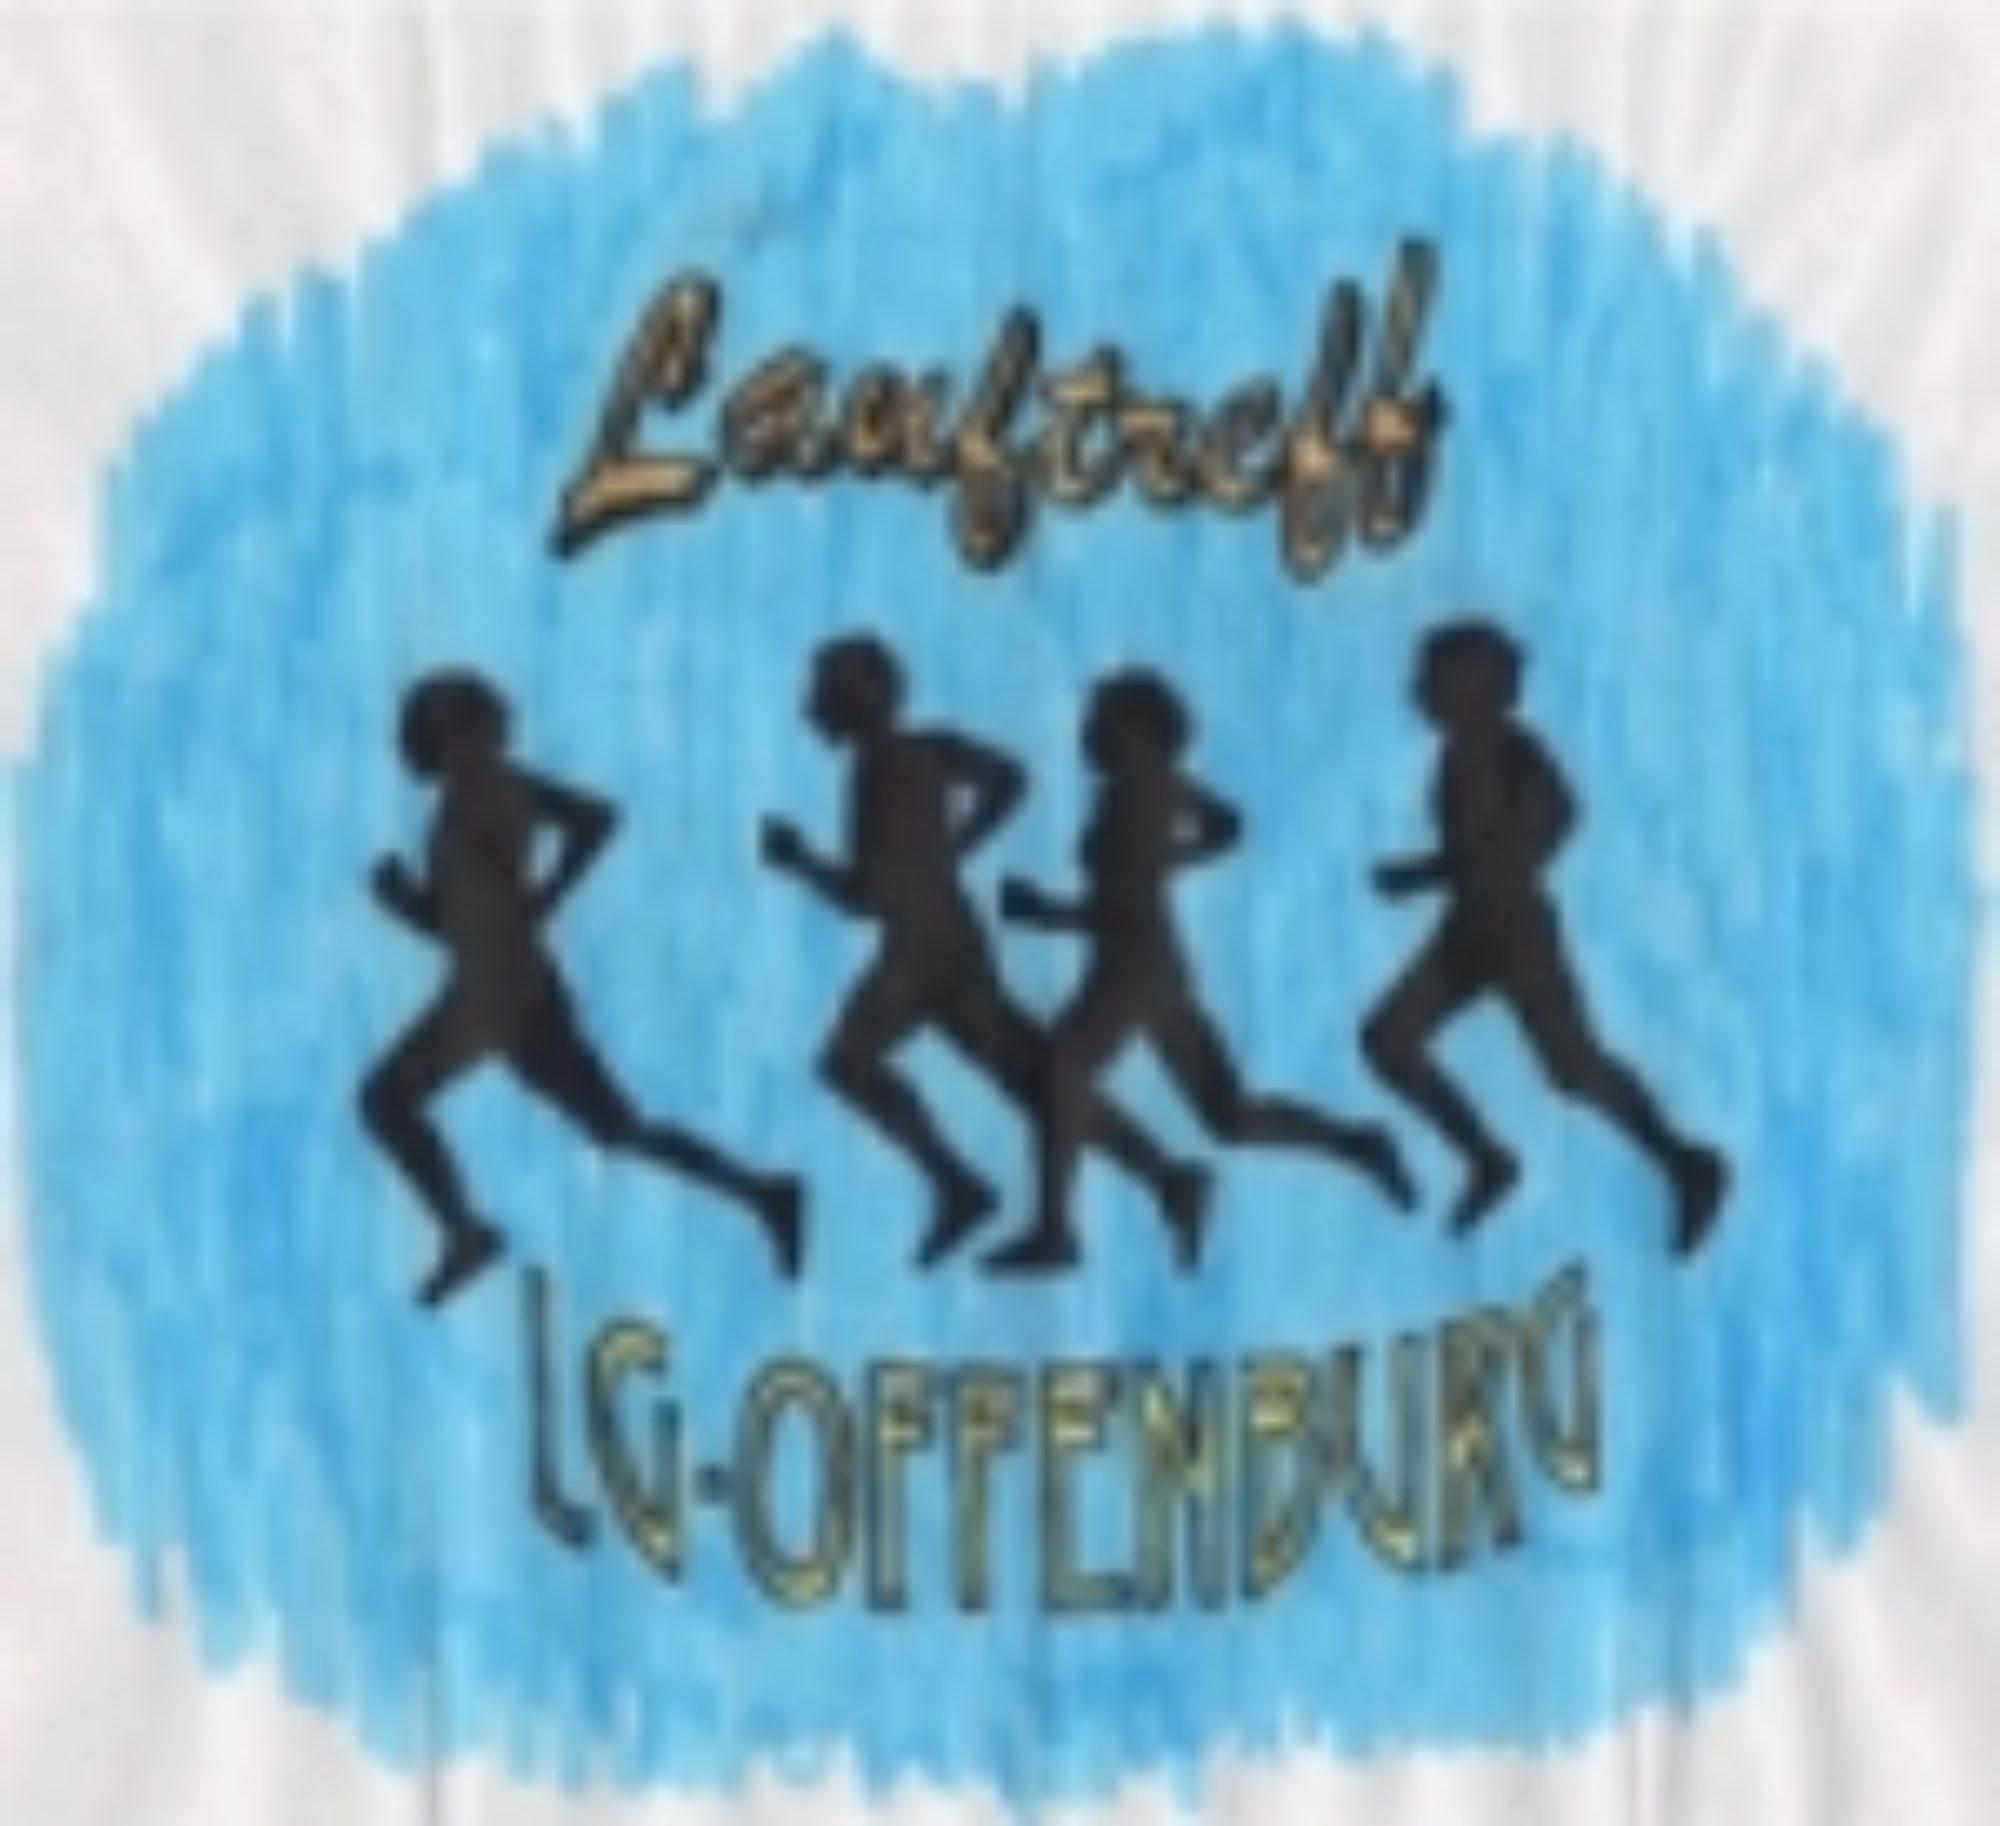 Lauftreff LG Offenburg